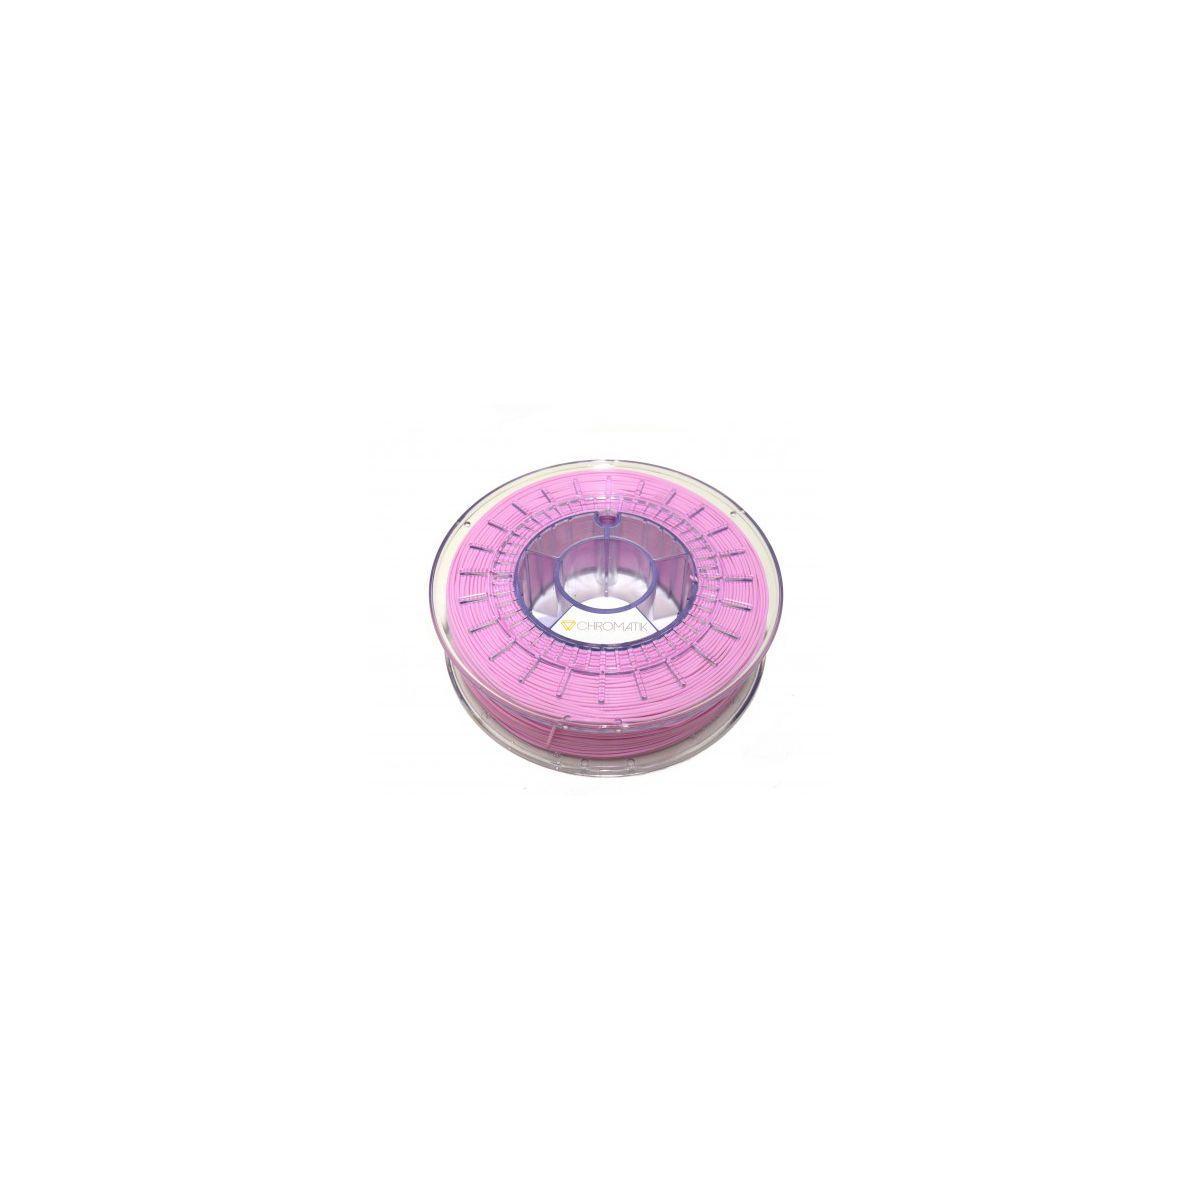 Filament 3d dagoma filament pla chromatik 750g rose bonbon - 2...